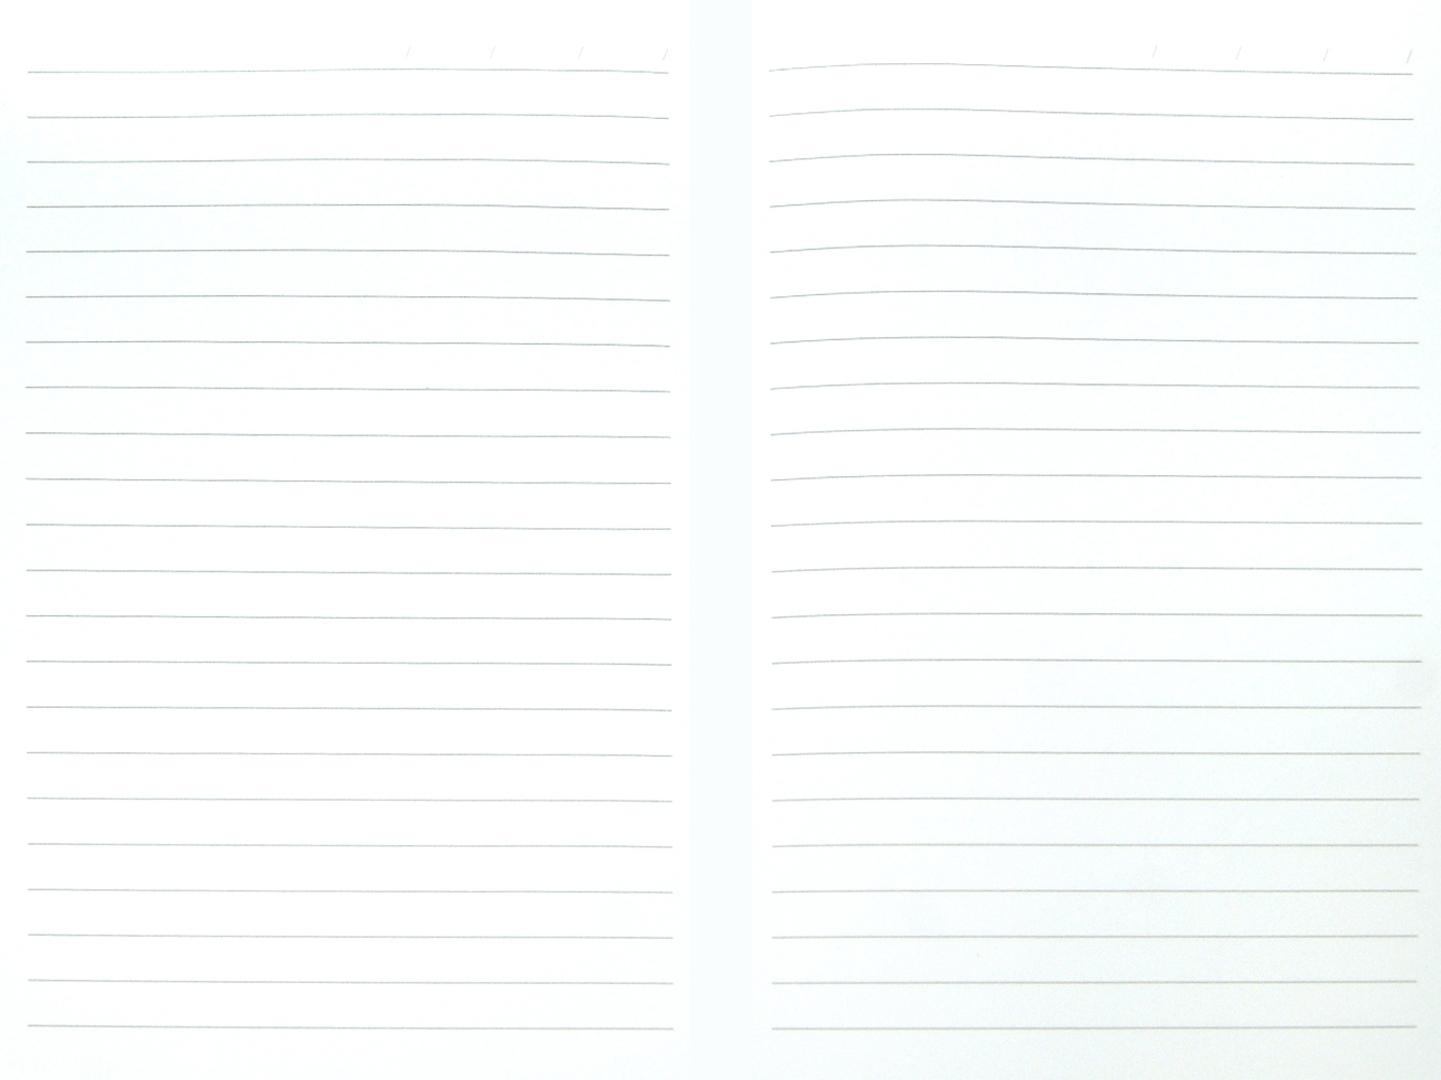 Иллюстрация 1 из 5 для Ежедневник недатированный (А5, 192 страницы, черный) (35901-18) | Лабиринт - канцтовы. Источник: Лабиринт